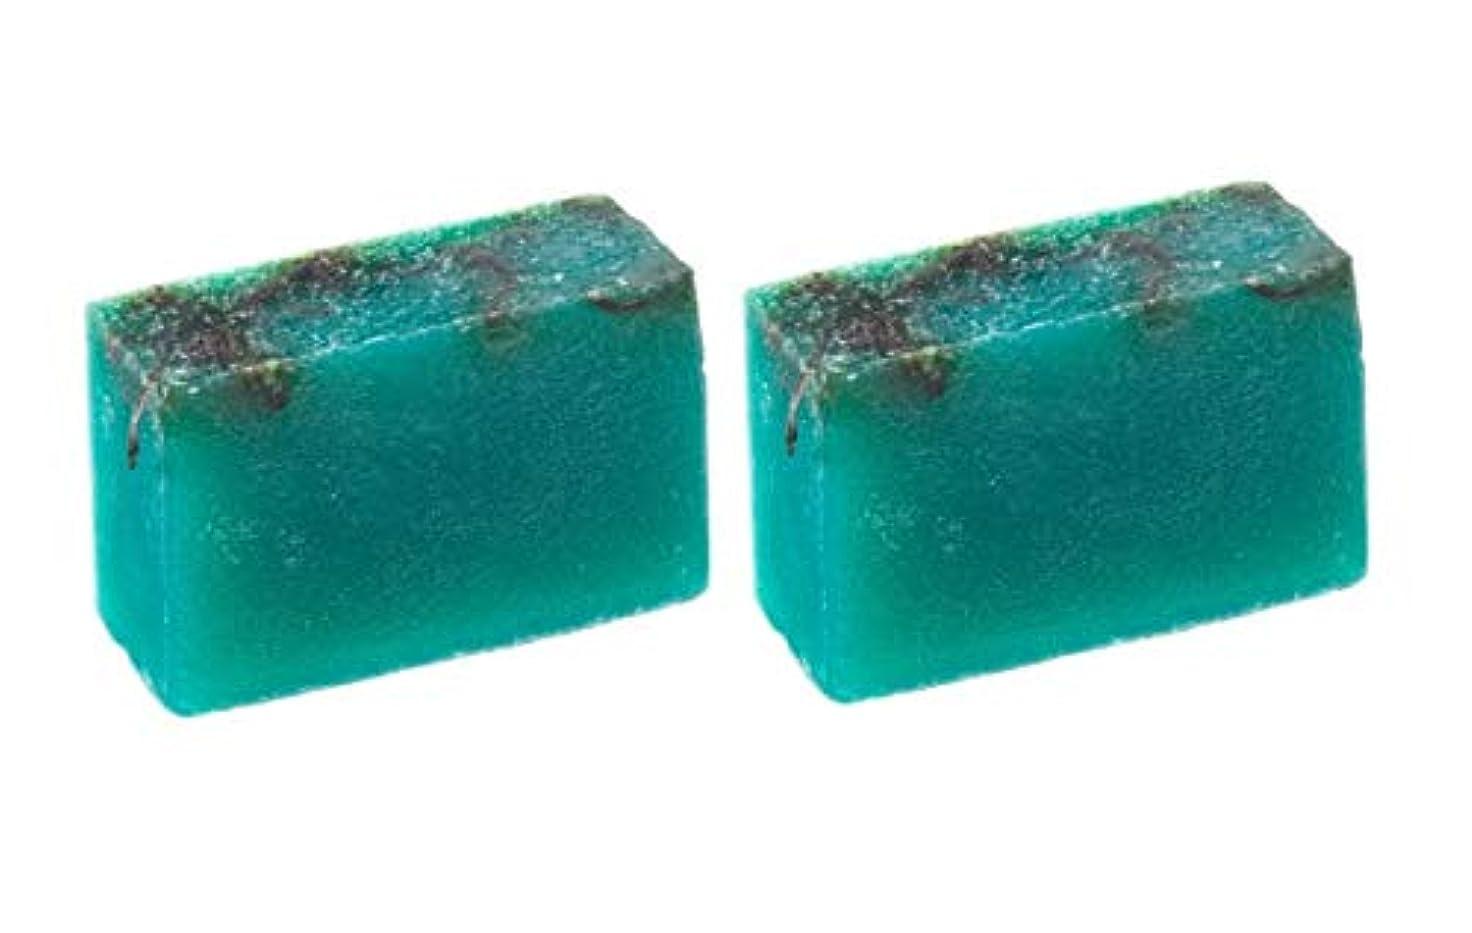 姉妹チーフ調子LUSH ラッシュ シーベジタブル(100g)×2個セット フレッシュなライムの後にラベンダーの優しい香りソープ